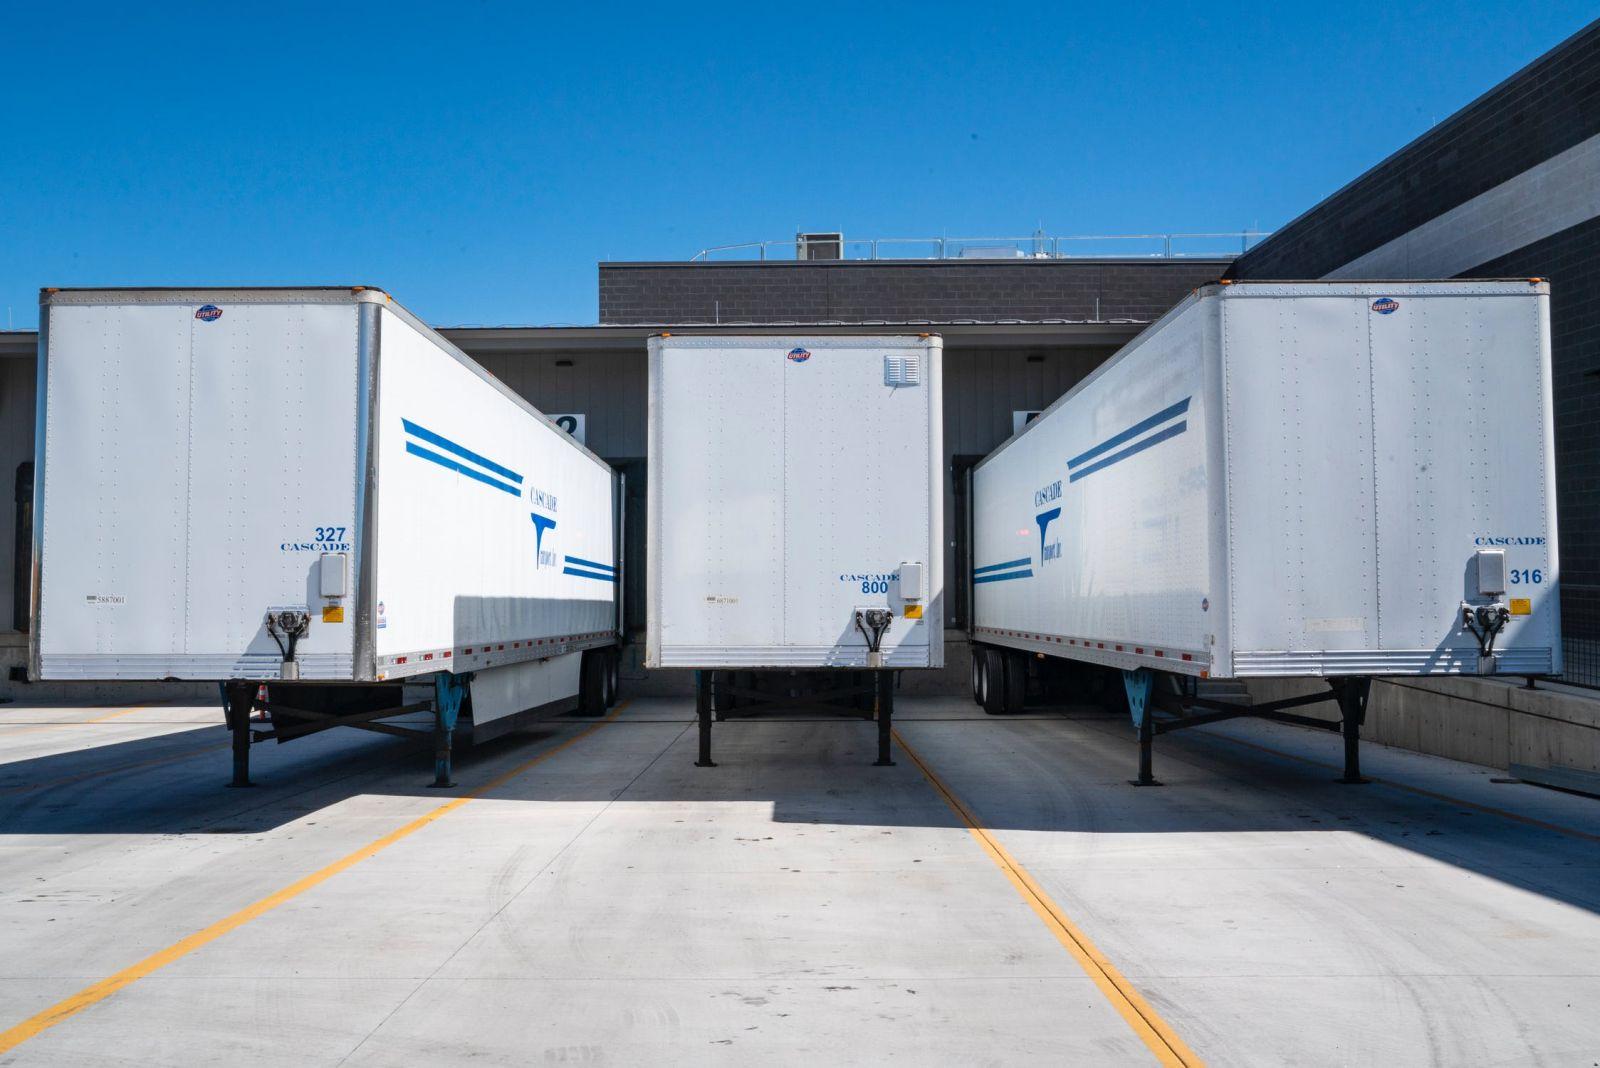 Chành xe vận chuyển hàng hóa đi takeo campuchia